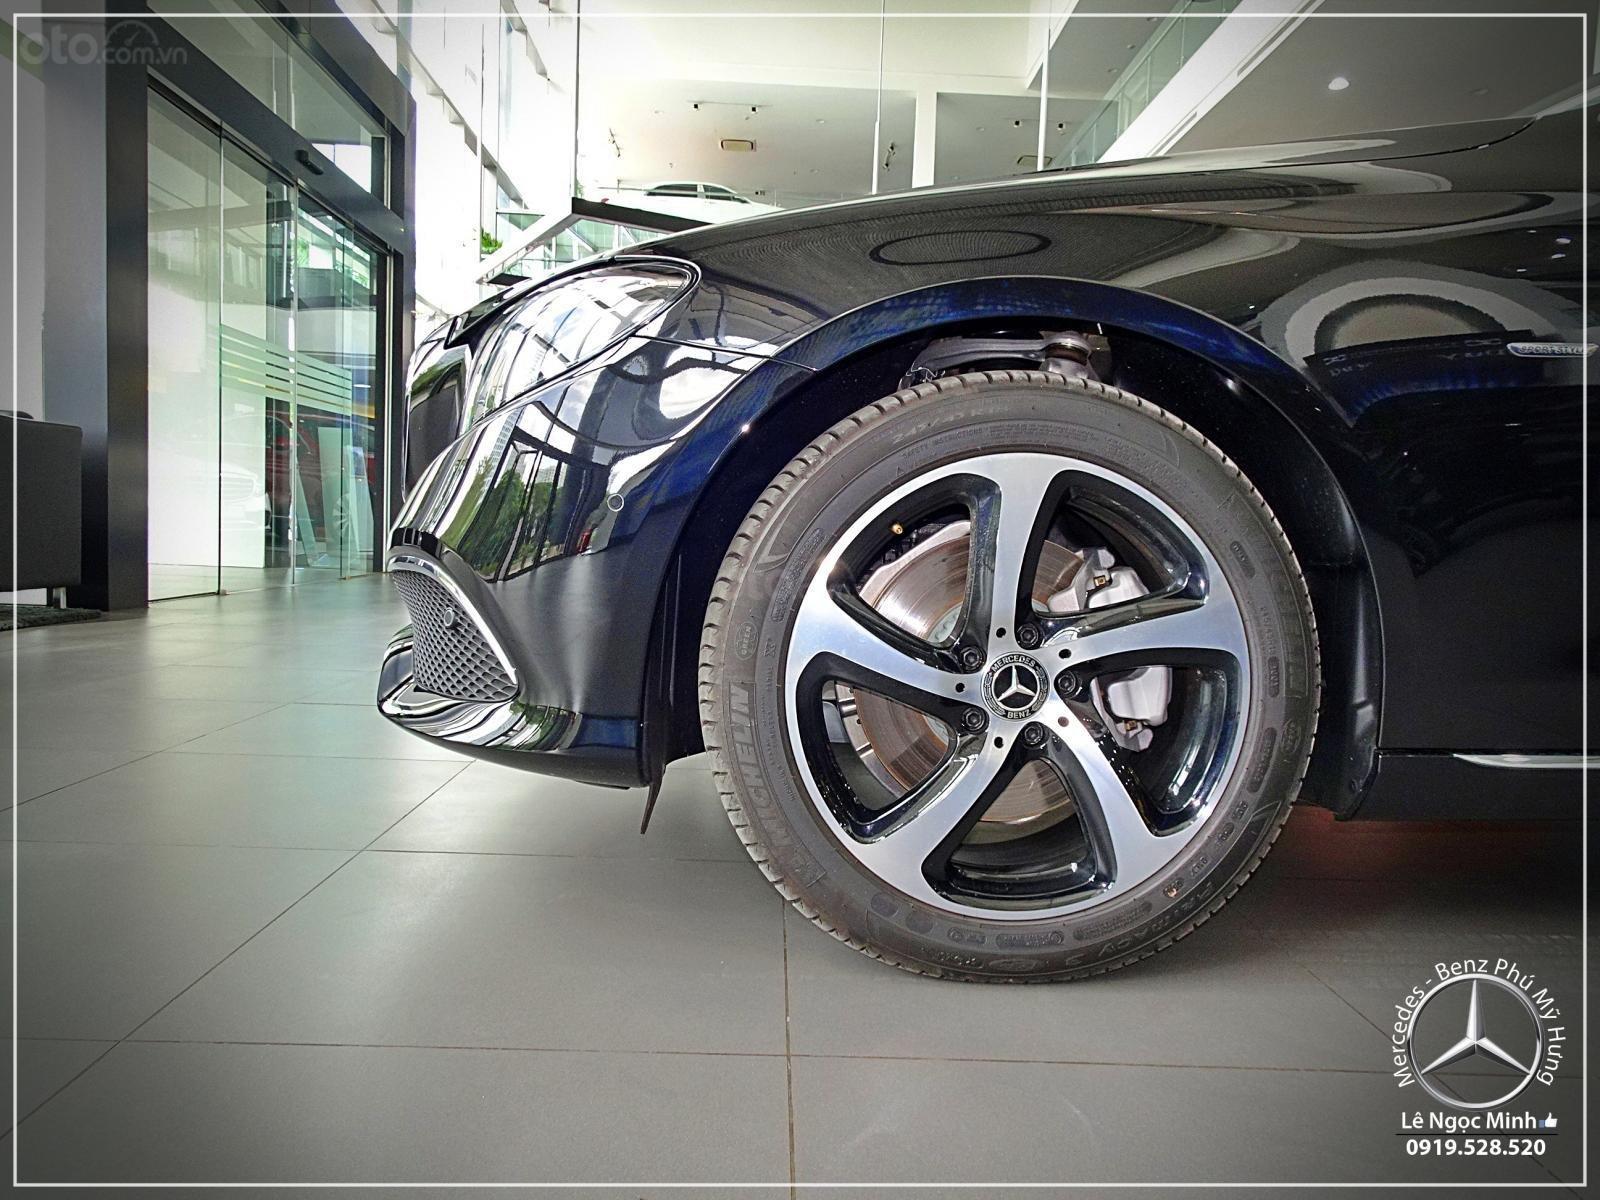 Bán xe Mercedes - Benz E200 Sport New 2020 - Hỗ trợ Bank 80%, xe giao ngay, ưu đãi tốt, LH 0919 528 520 (14)